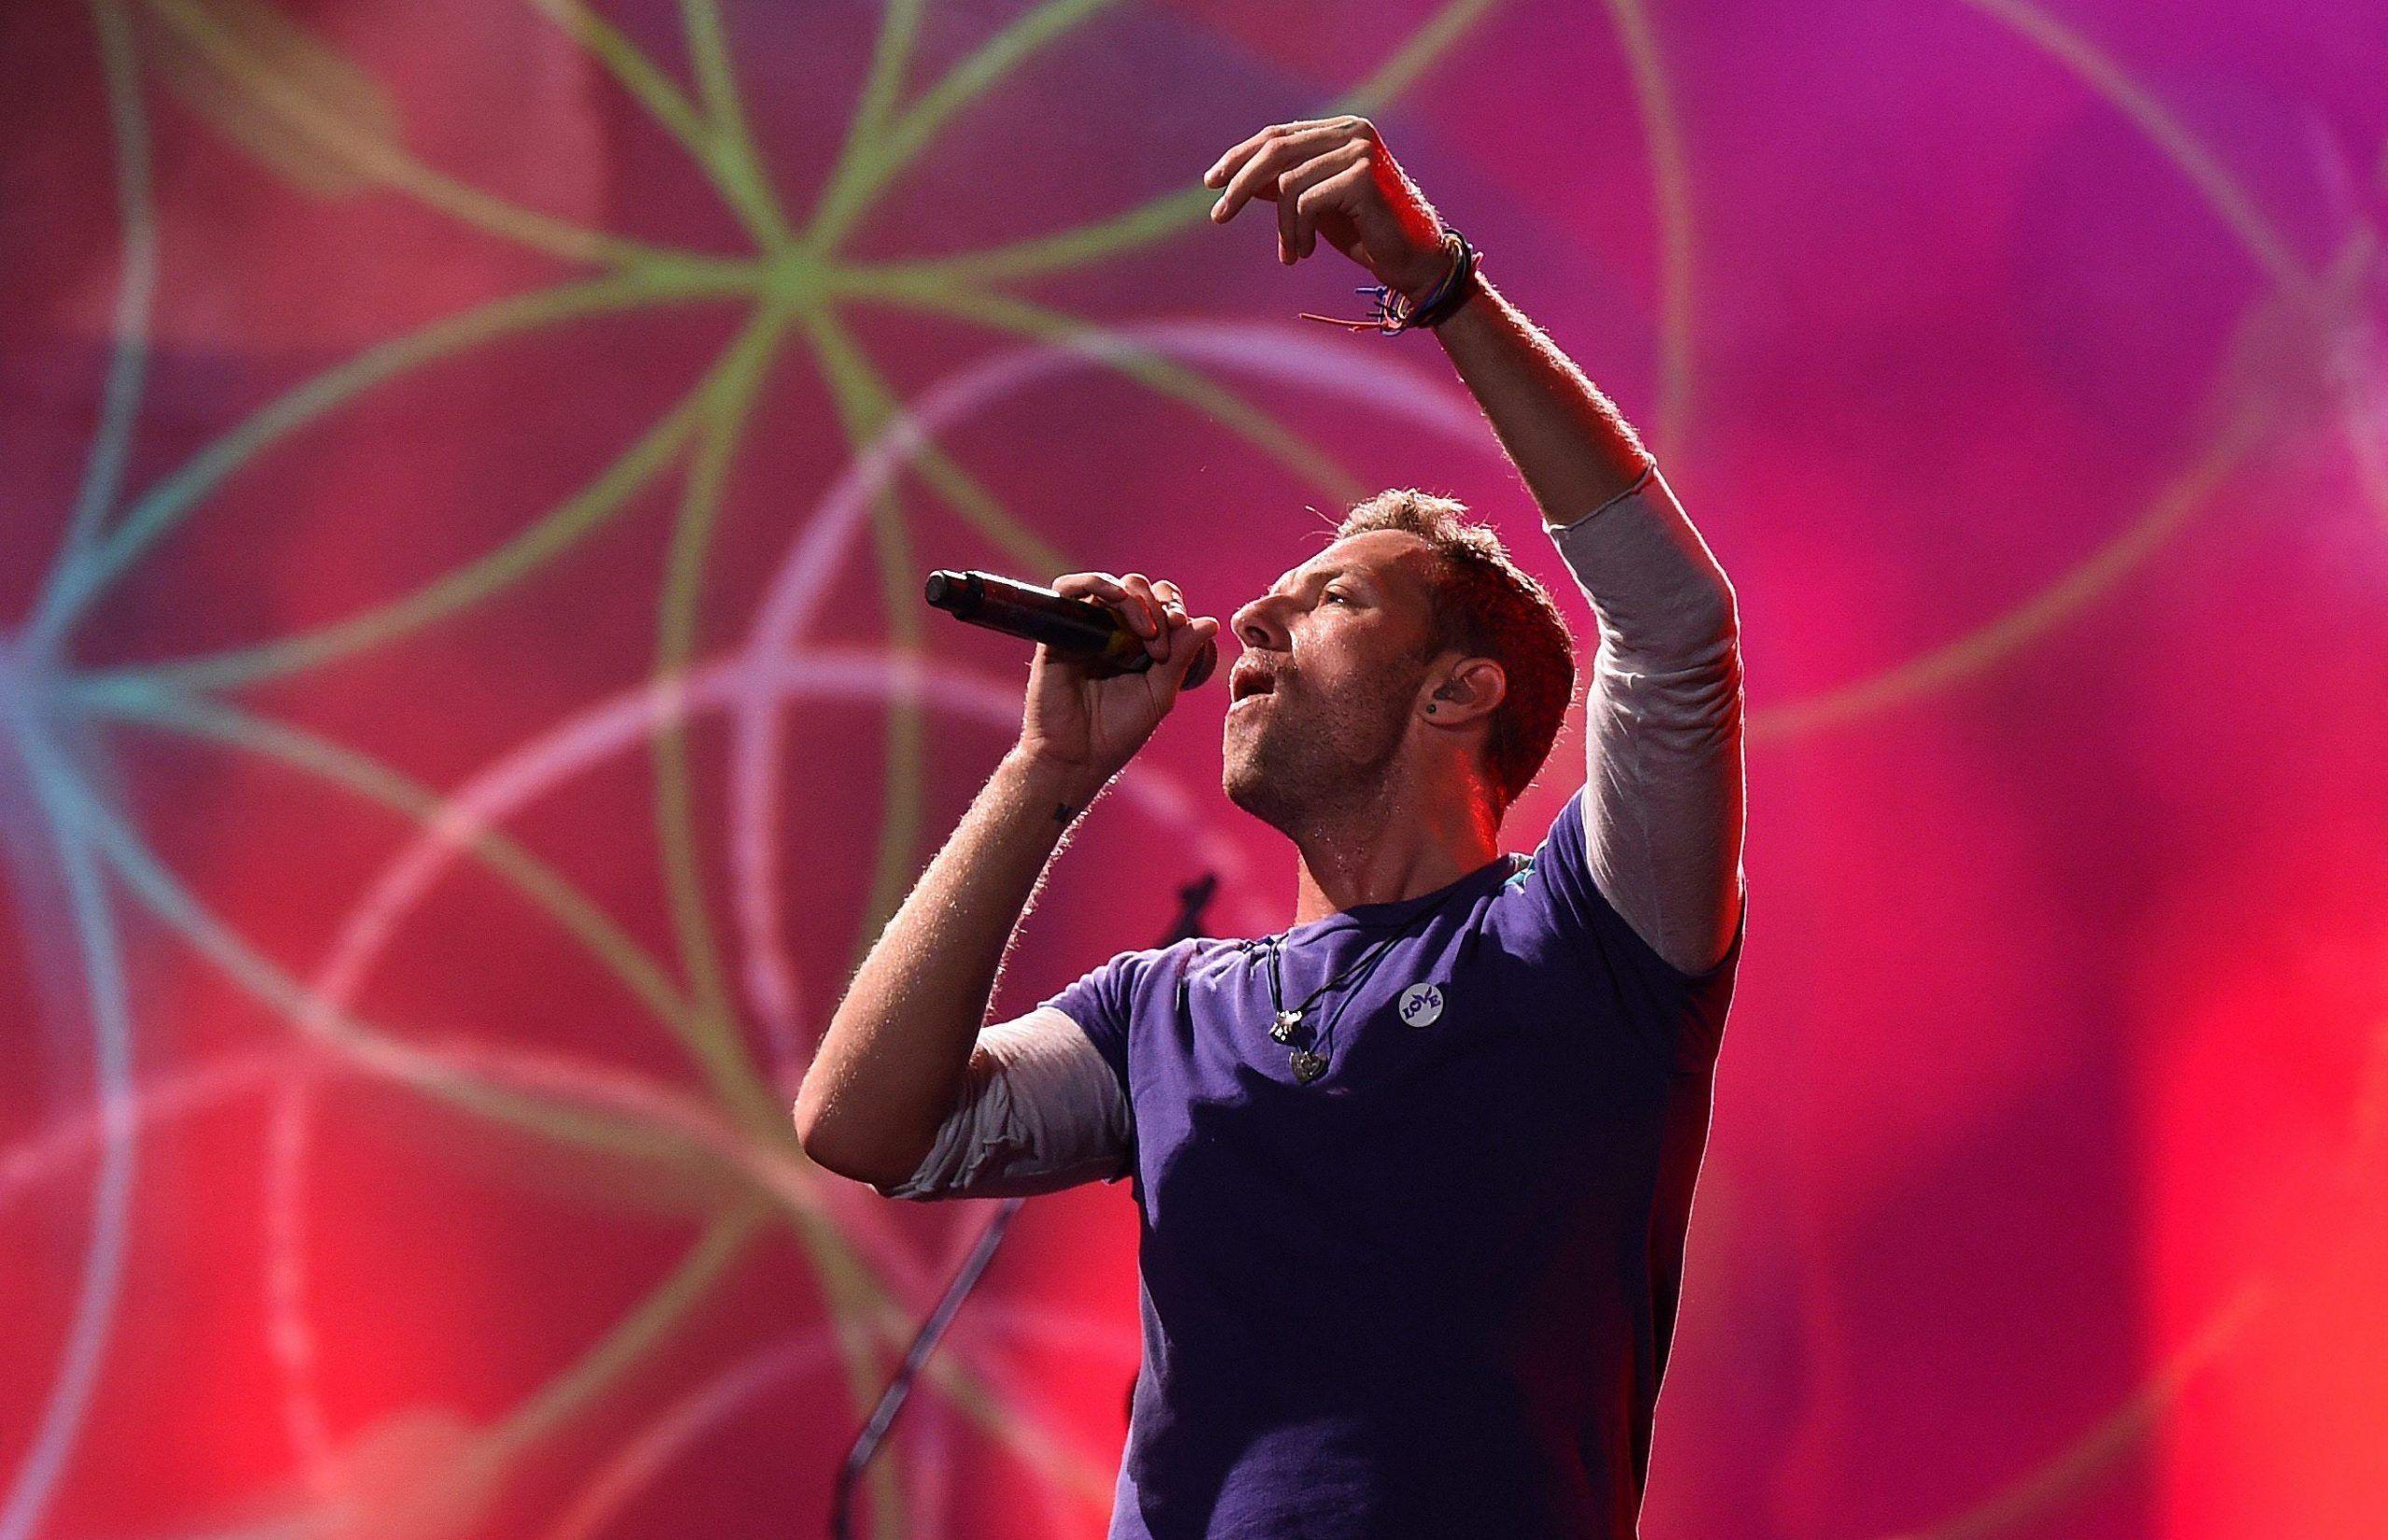 Coldplay a San Siro concerto a Milano scaletta